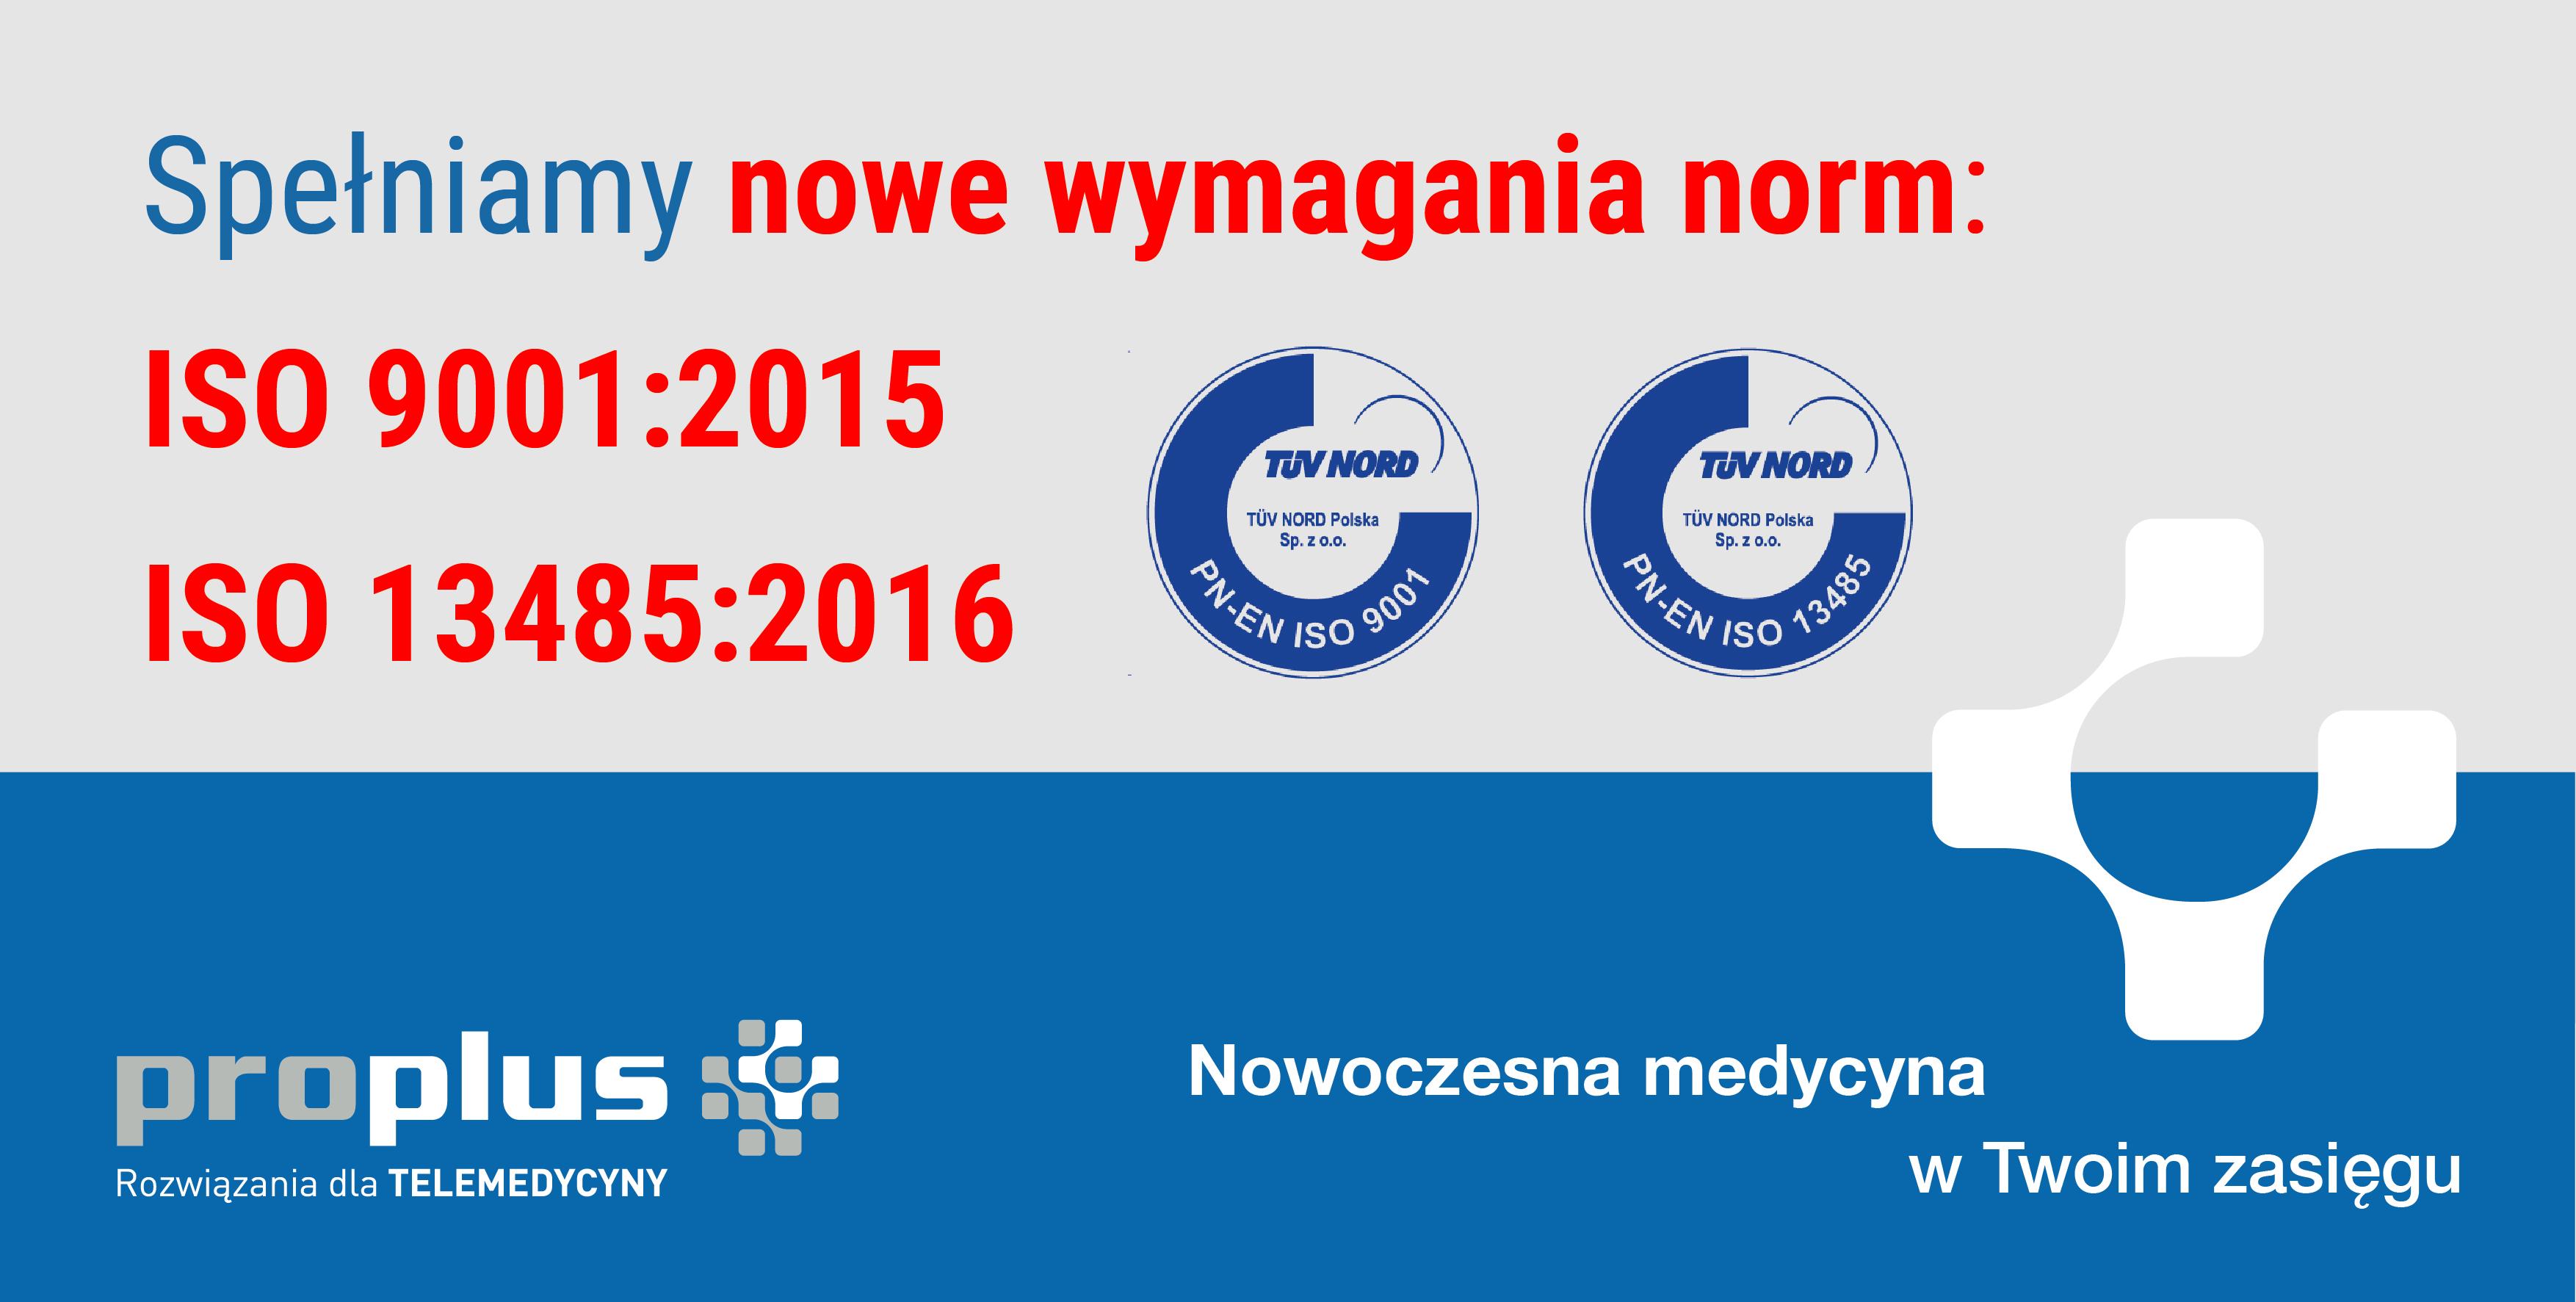 Pozytywny wynik przejścia na nowe wymagania norm ISO 9001:2015 i ISO 13485:2016